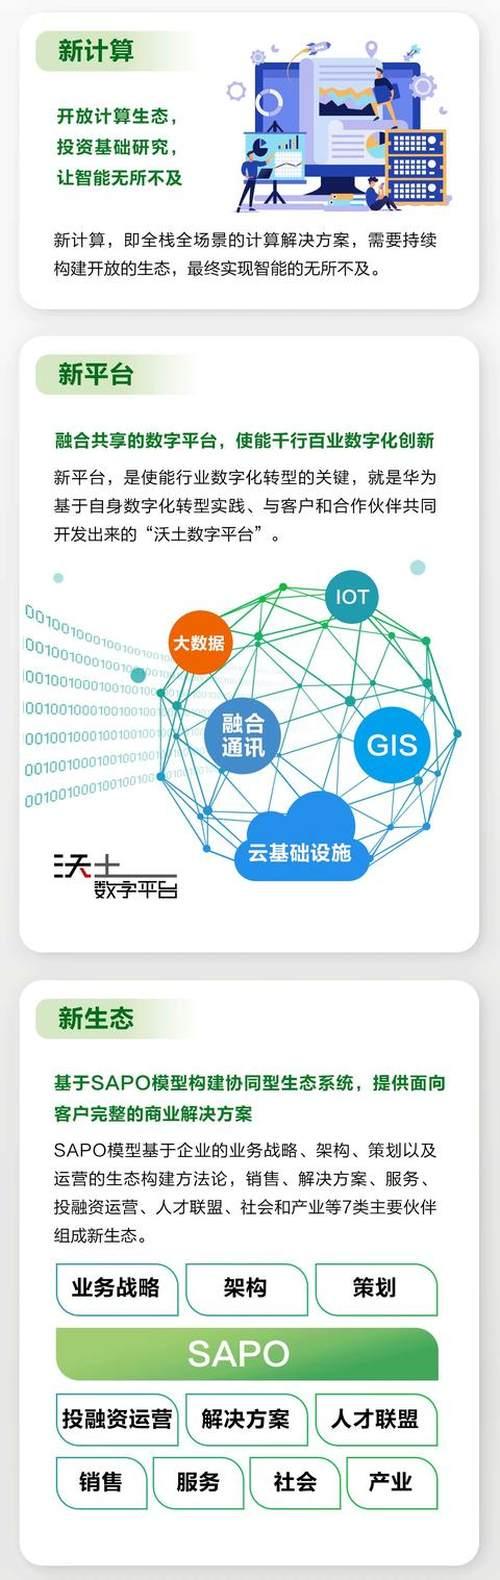 智能世界:畅想2030年的行业数字化转型